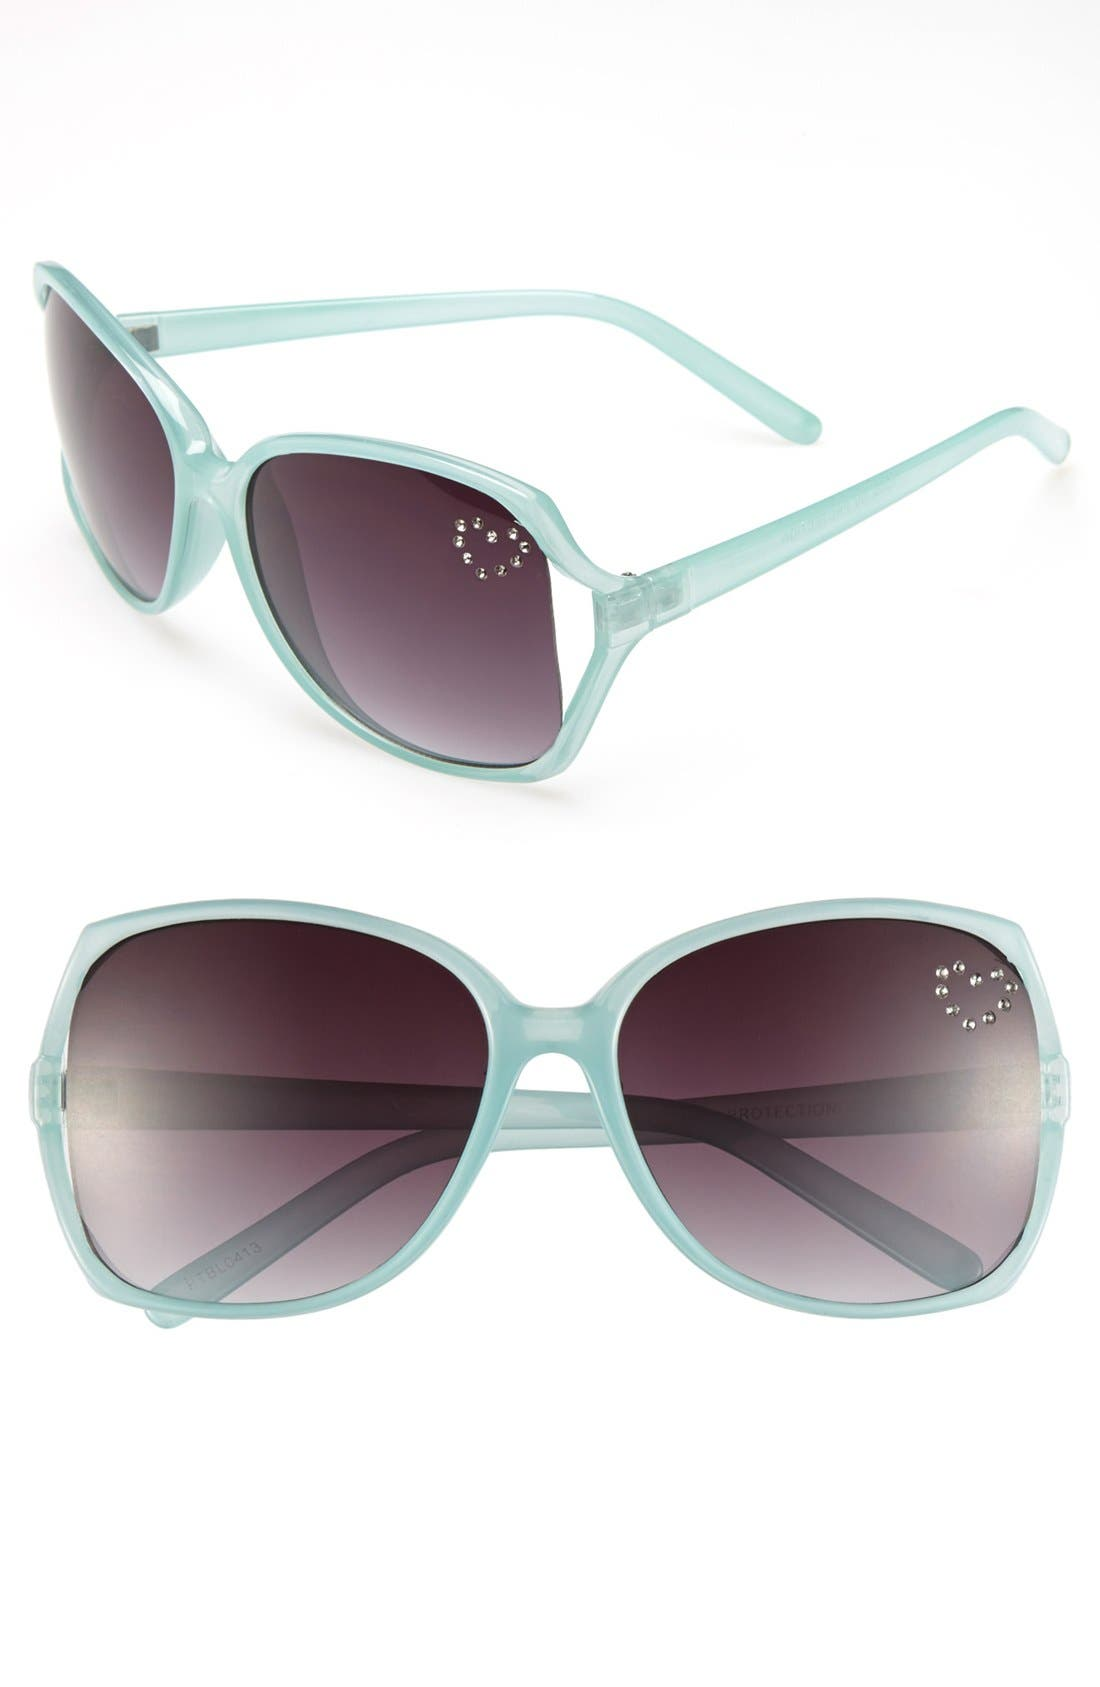 Main Image - Fantas Eyes Heart Crystals Sunglasses (Girls)